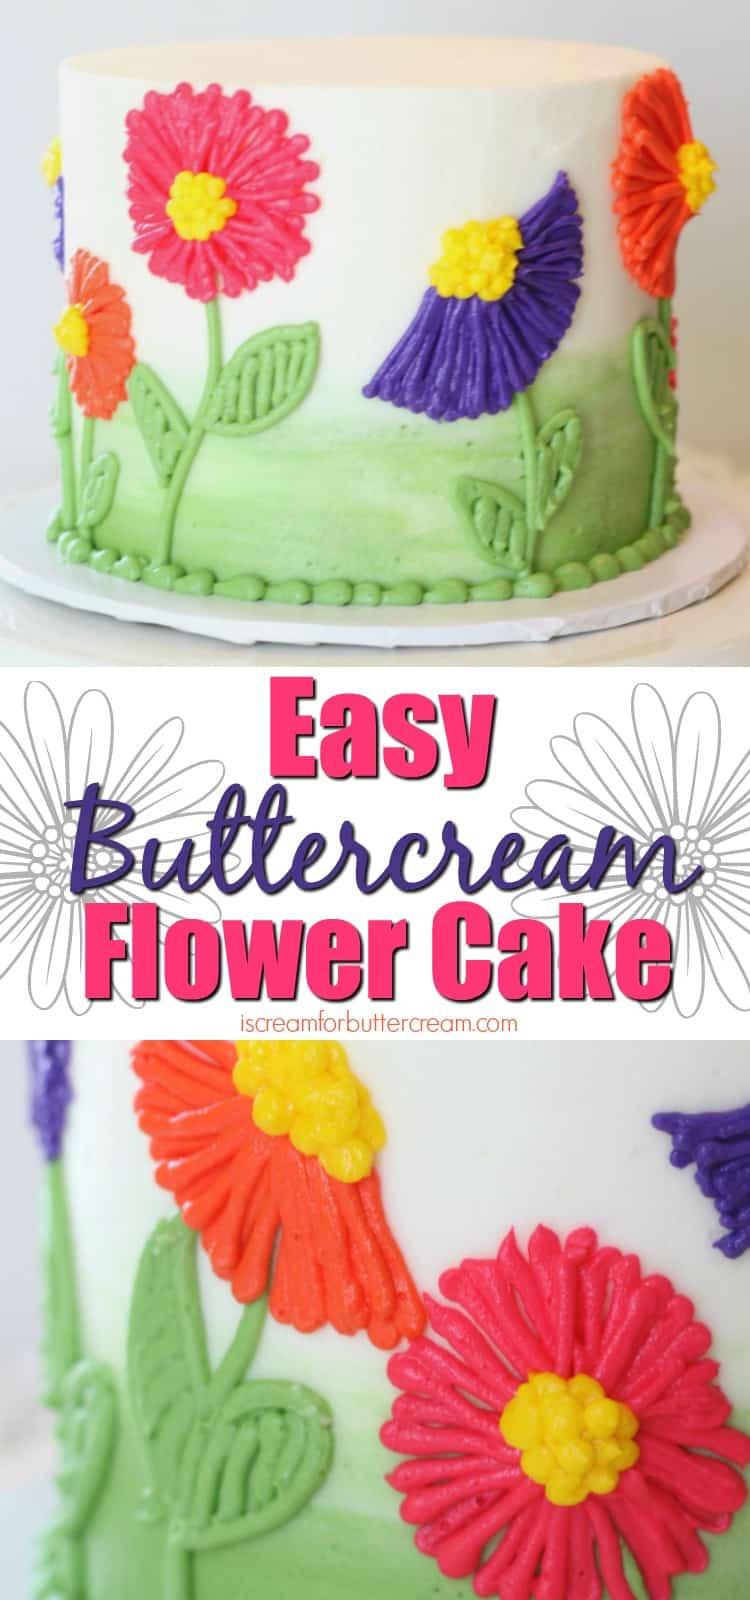 Easy Buttercream Flower Cake Pinterest Graphic